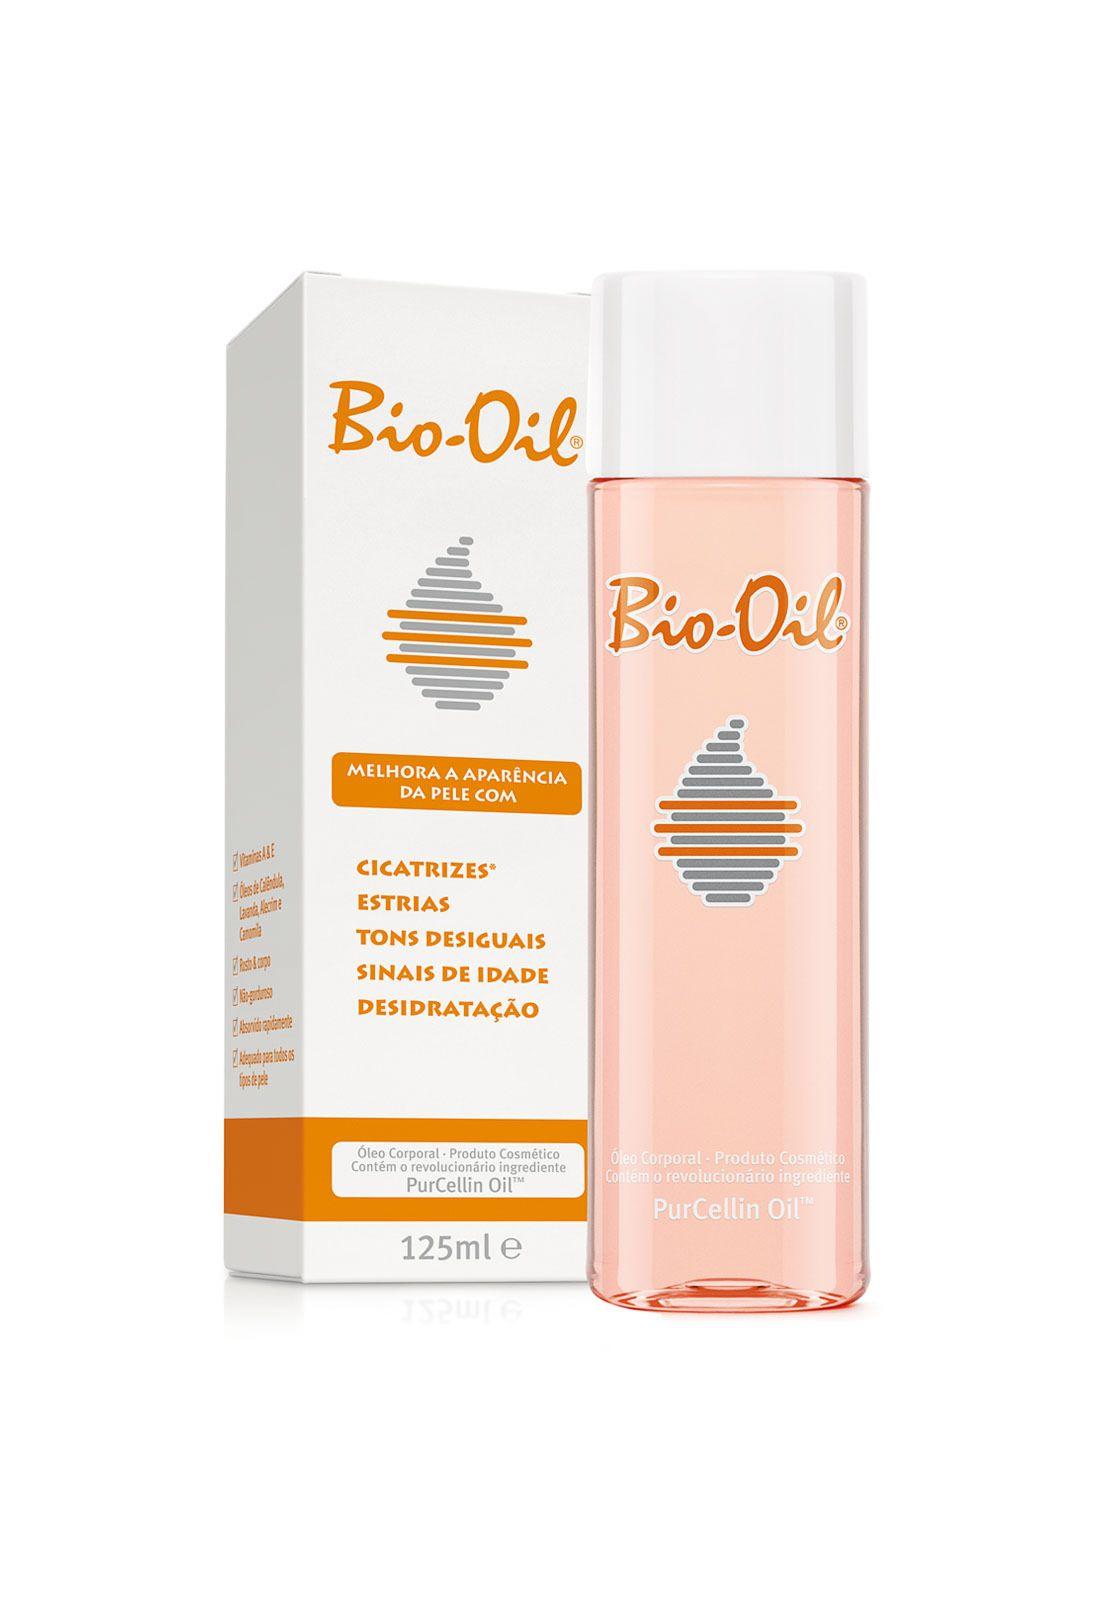 Bio Oil 125ml Produtos De Beleza Produtos Cosmeticos E Dicas De